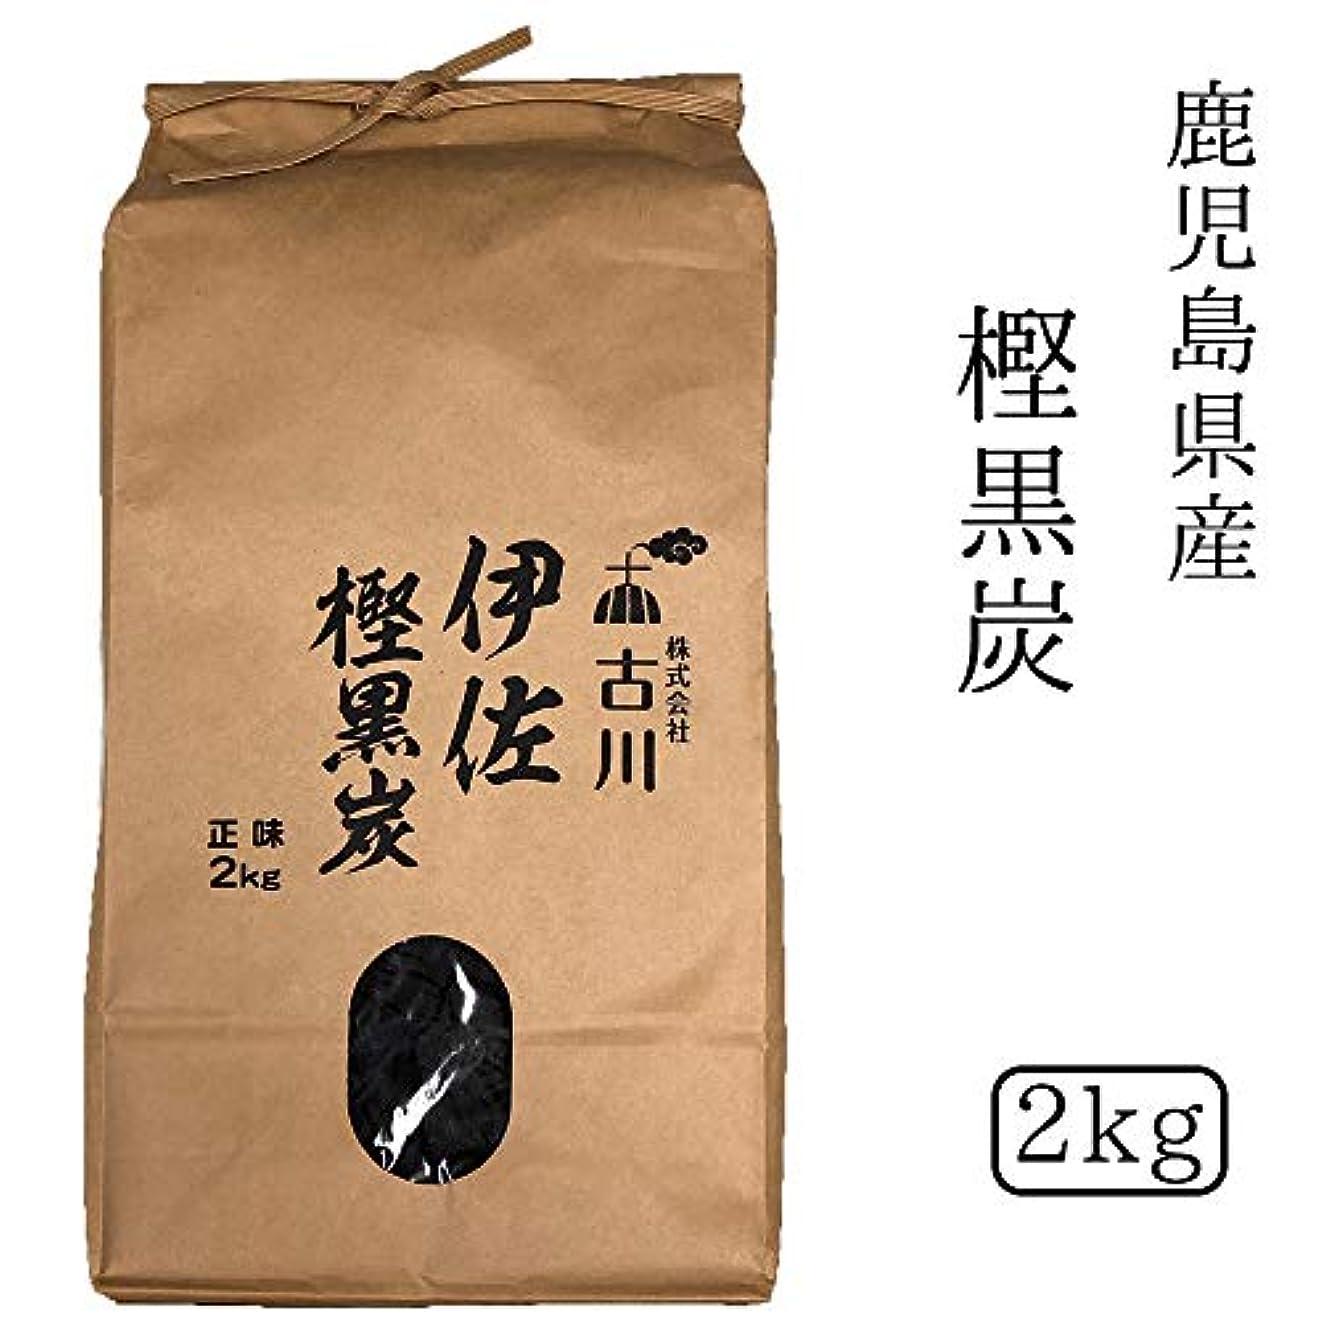 あなたが良くなります音楽を聴く処理する鹿児島県産 樫黒炭 2kg 七輪やアウトドアで大活躍!